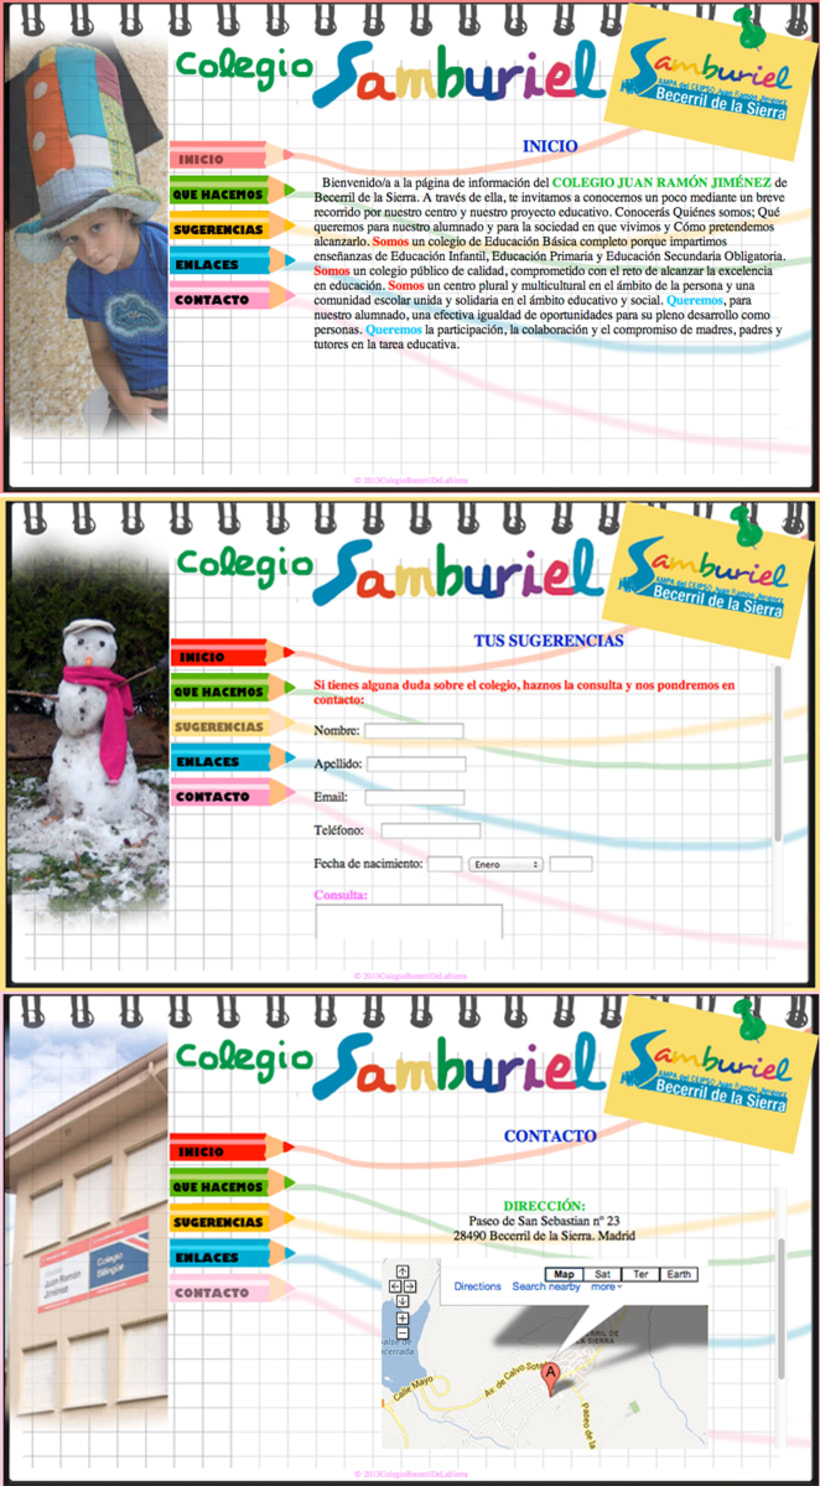 Web Colegio Samburiel -1